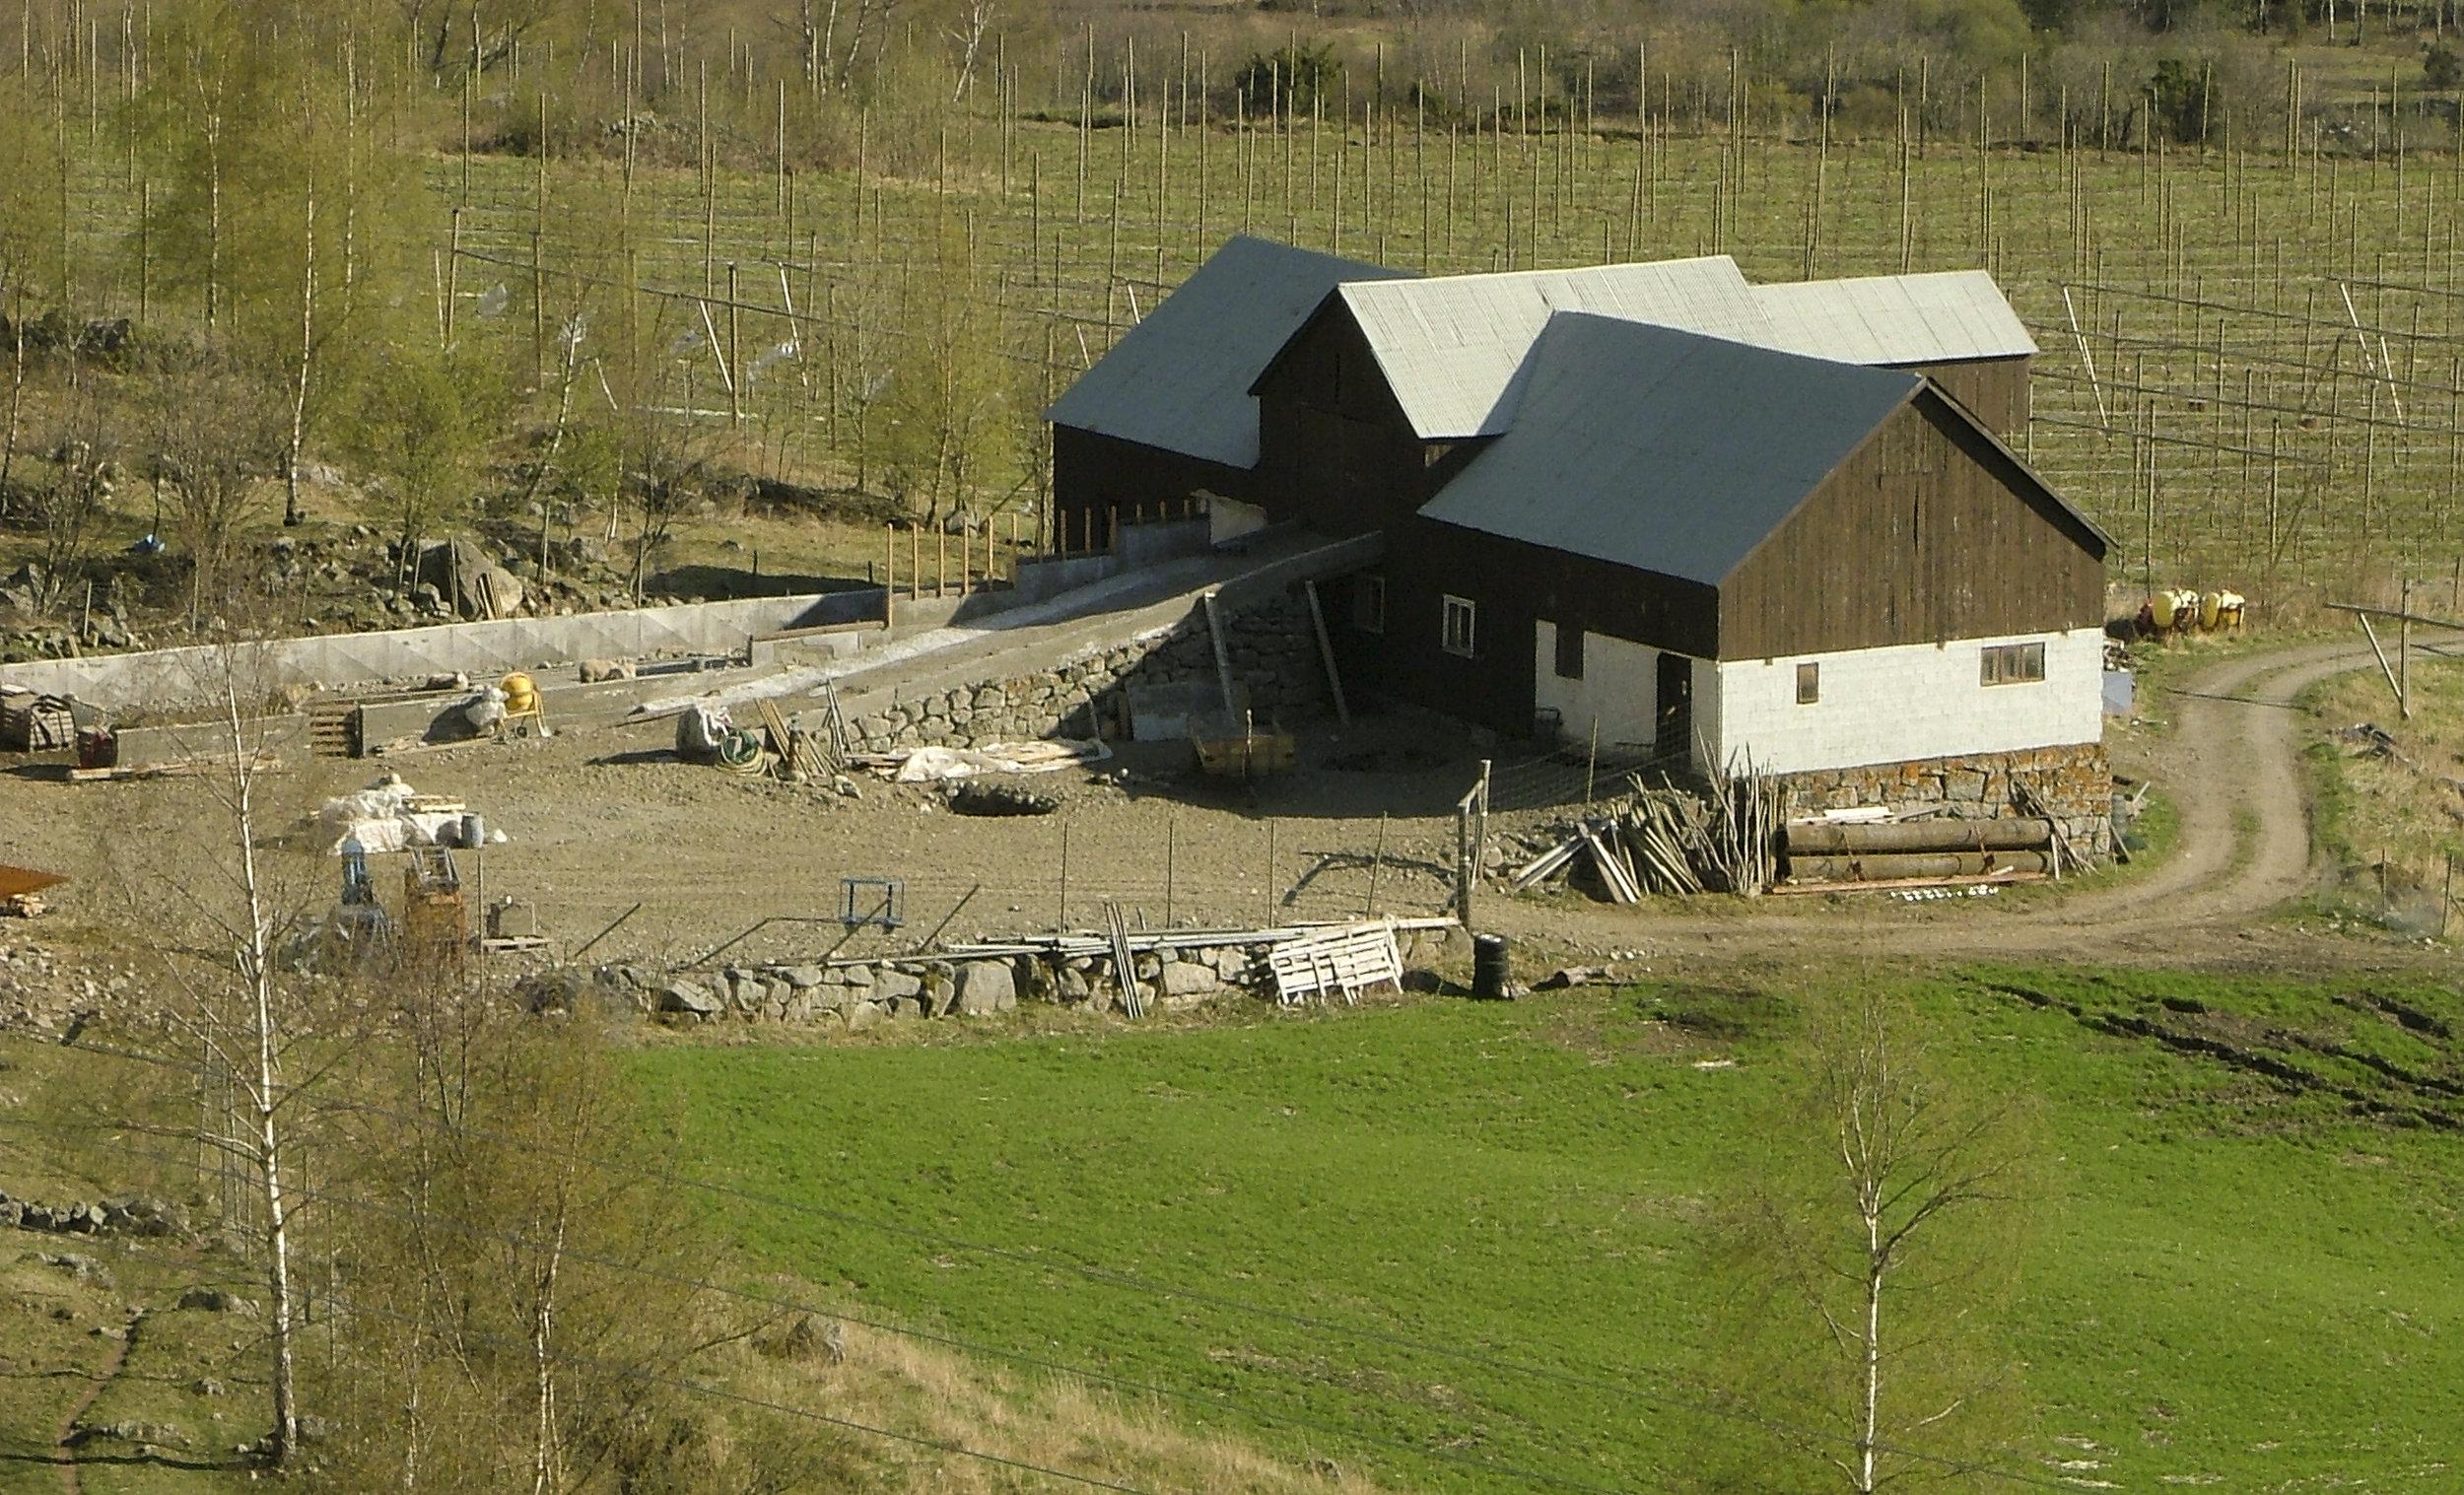 Her frå bygginga av kaldtfjøs i 2005